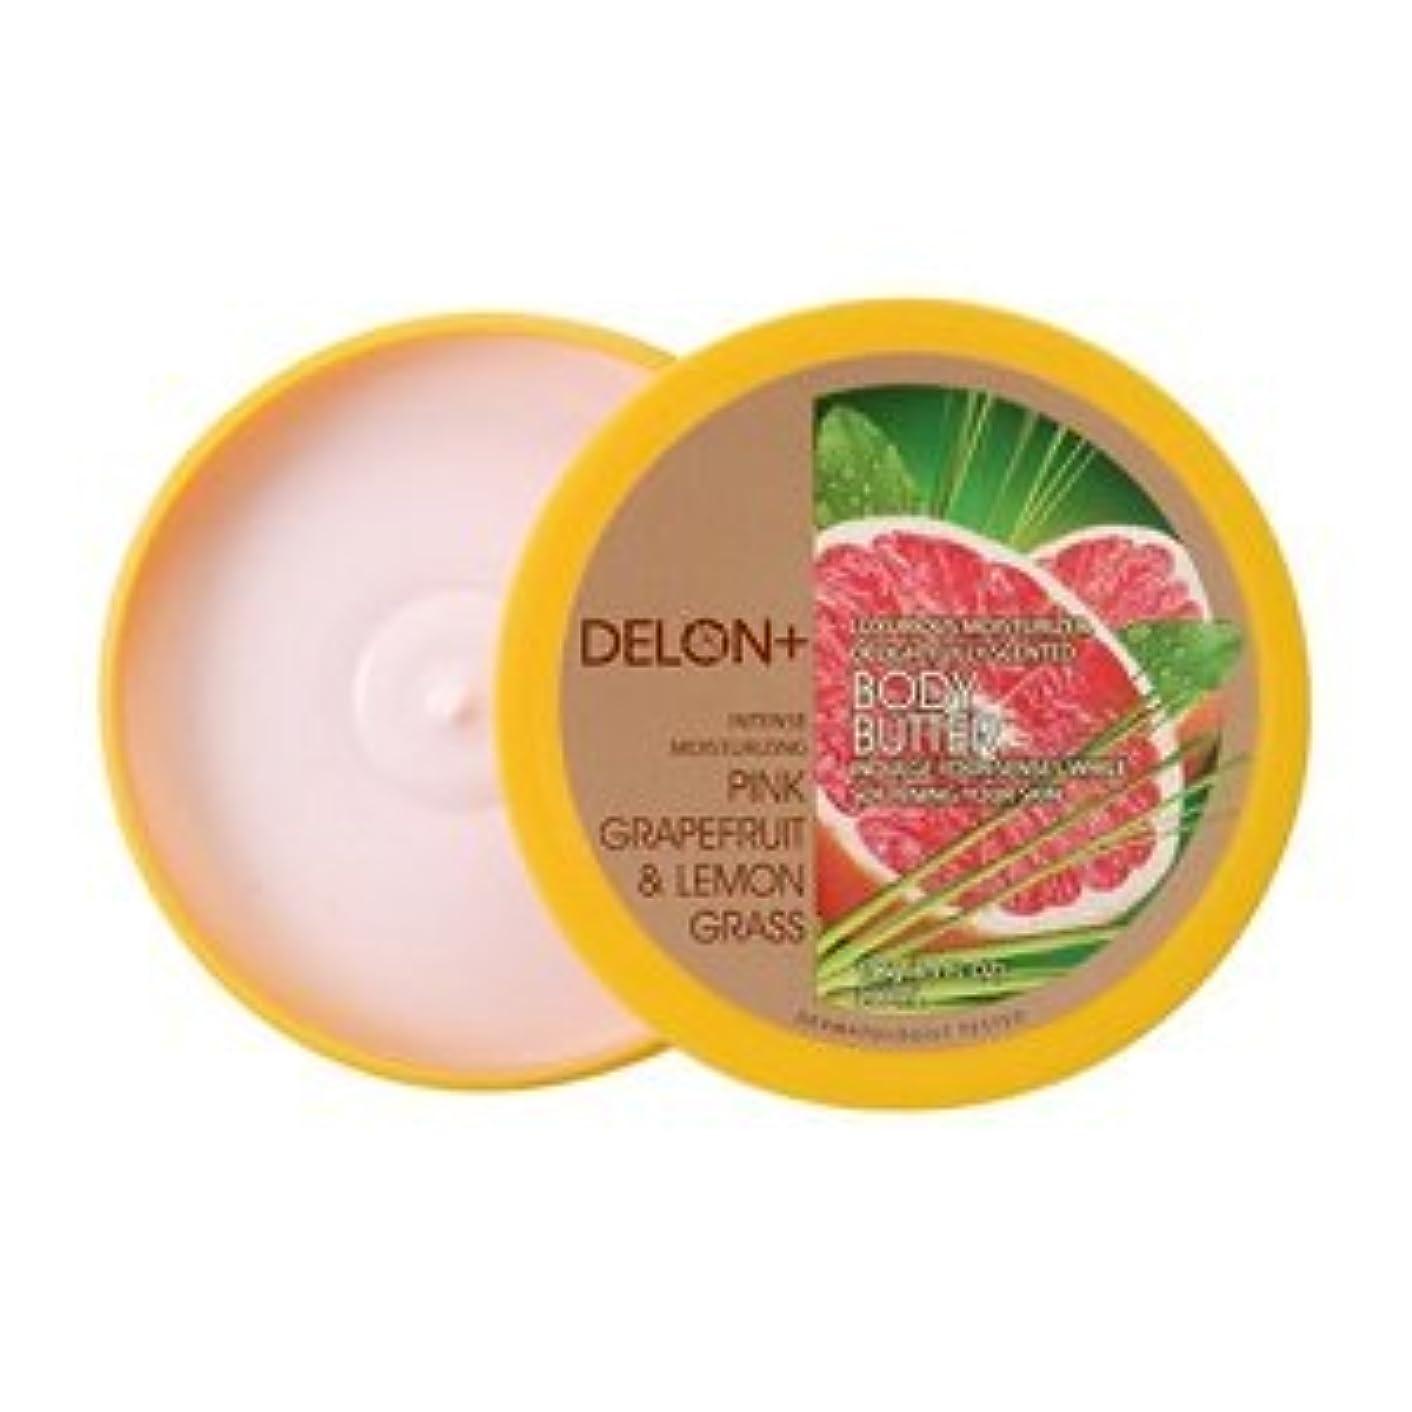 デロン ボディバター ピンクグレープフルーツ & ;レモングラス 196g ボディクリーム